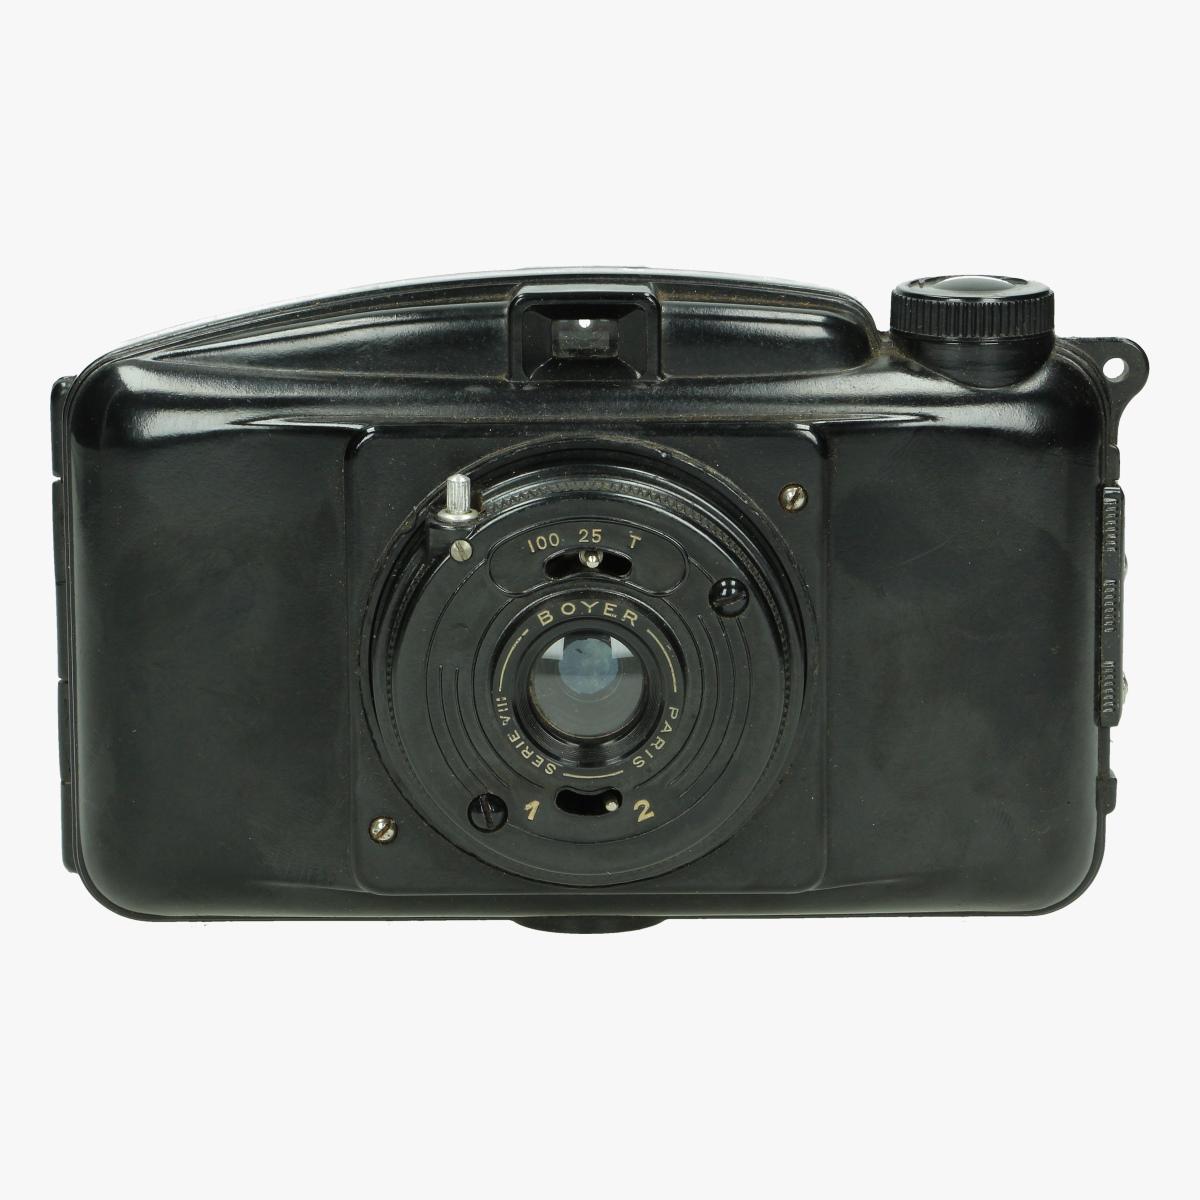 Afbeeldingen van bakelieten fotocamera photax boyer lens